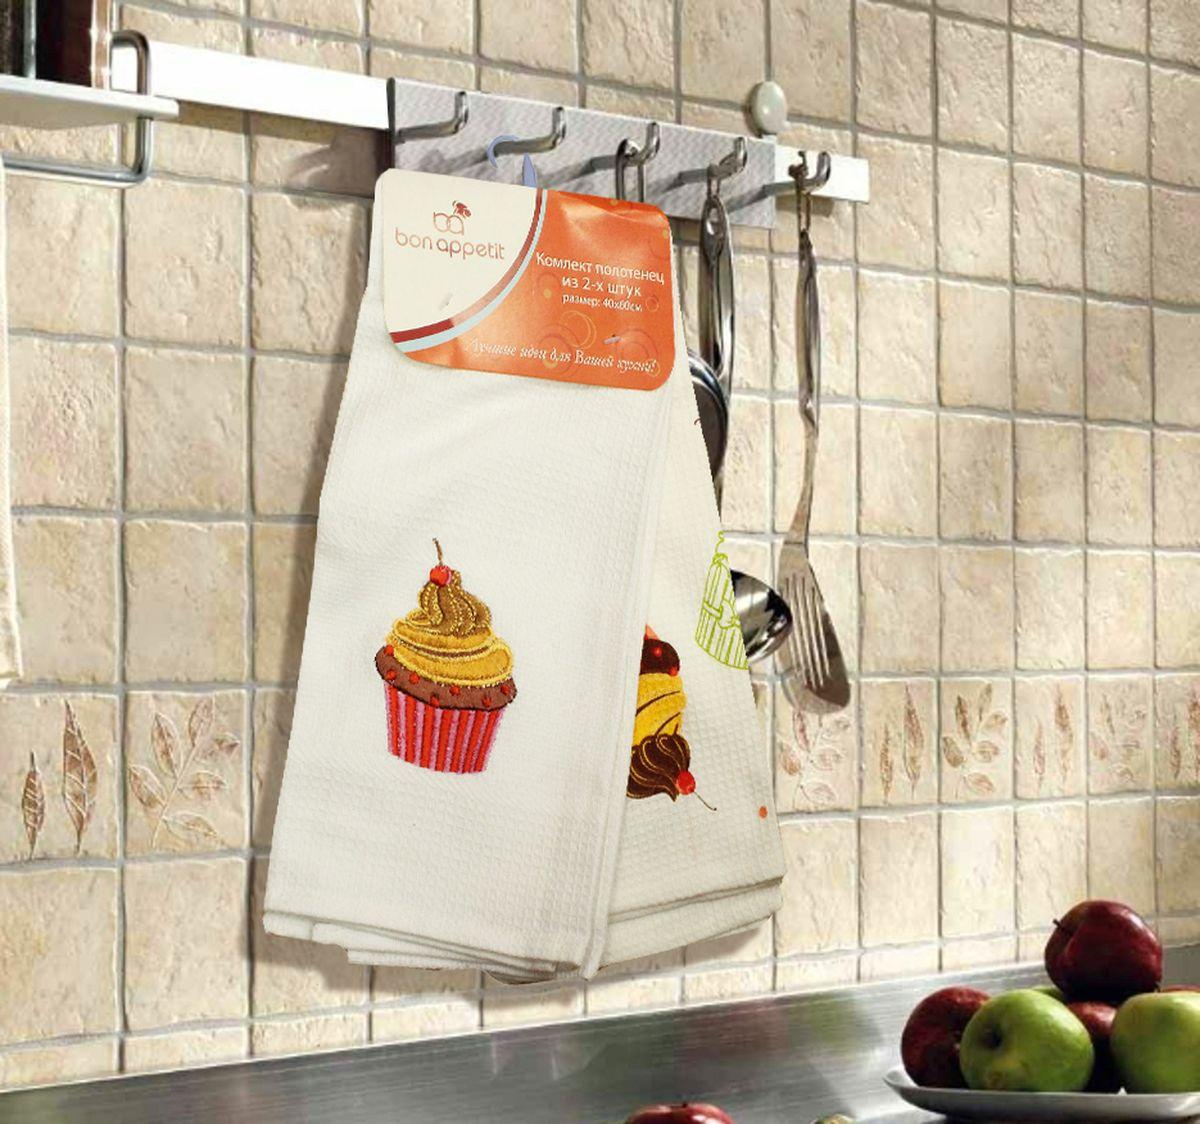 Набор кухонных полотенец Bon Appetit Cake, цвет: белый, 2 штVT-1520(SR)Кухонные полотенца Bon Appetit Cake - в помощь хозяйке на кухне! Кухонные полотенца Bon Appetit Cake идеально дополнят интерьер вашей кухни и создадут атмосферу уюта и комфорта. Полотенца выполнены из натурального 100% хлопка, поэтому являются экологически чистыми. Качество материала гарантирует безопасность не только взрослых, но и самых маленьких членов семьи.